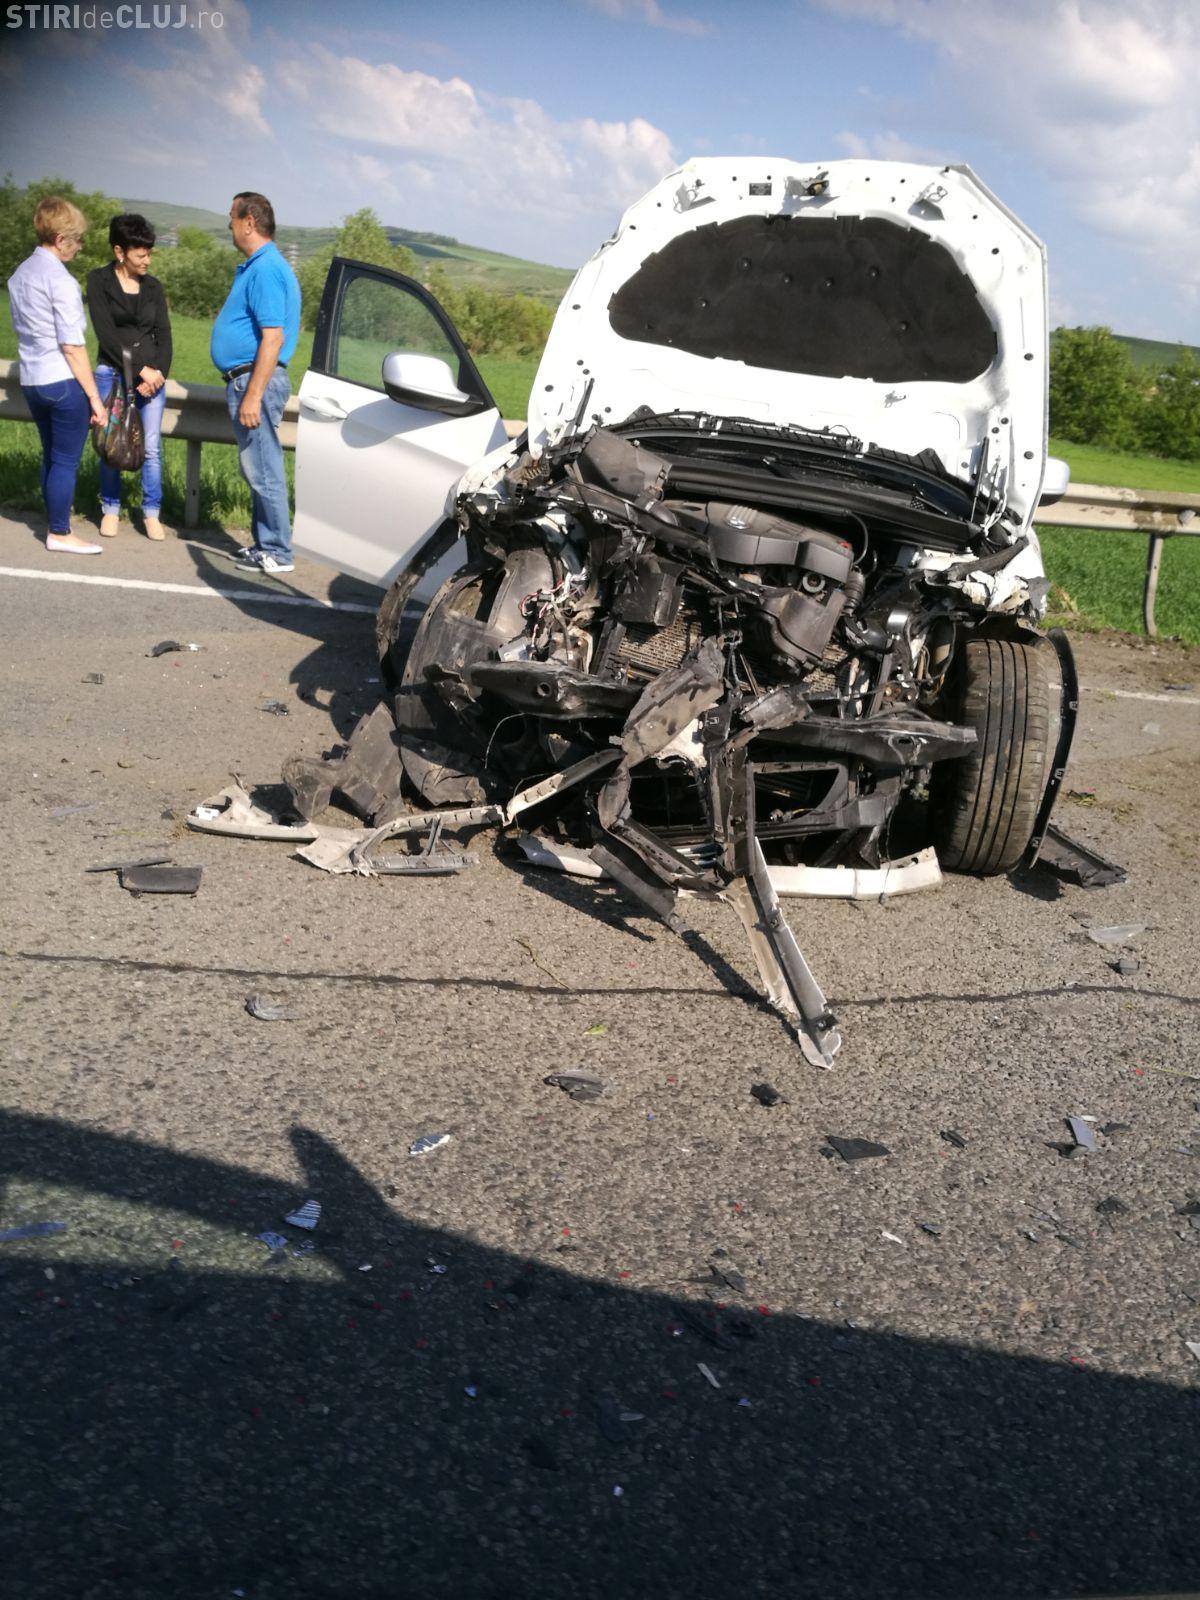 O șoferiță a scăpat ca prin urechile acului în urma unui accident pe centura Vâlcele-Apahida. A intrat într-o depășire periculoasă FOTO